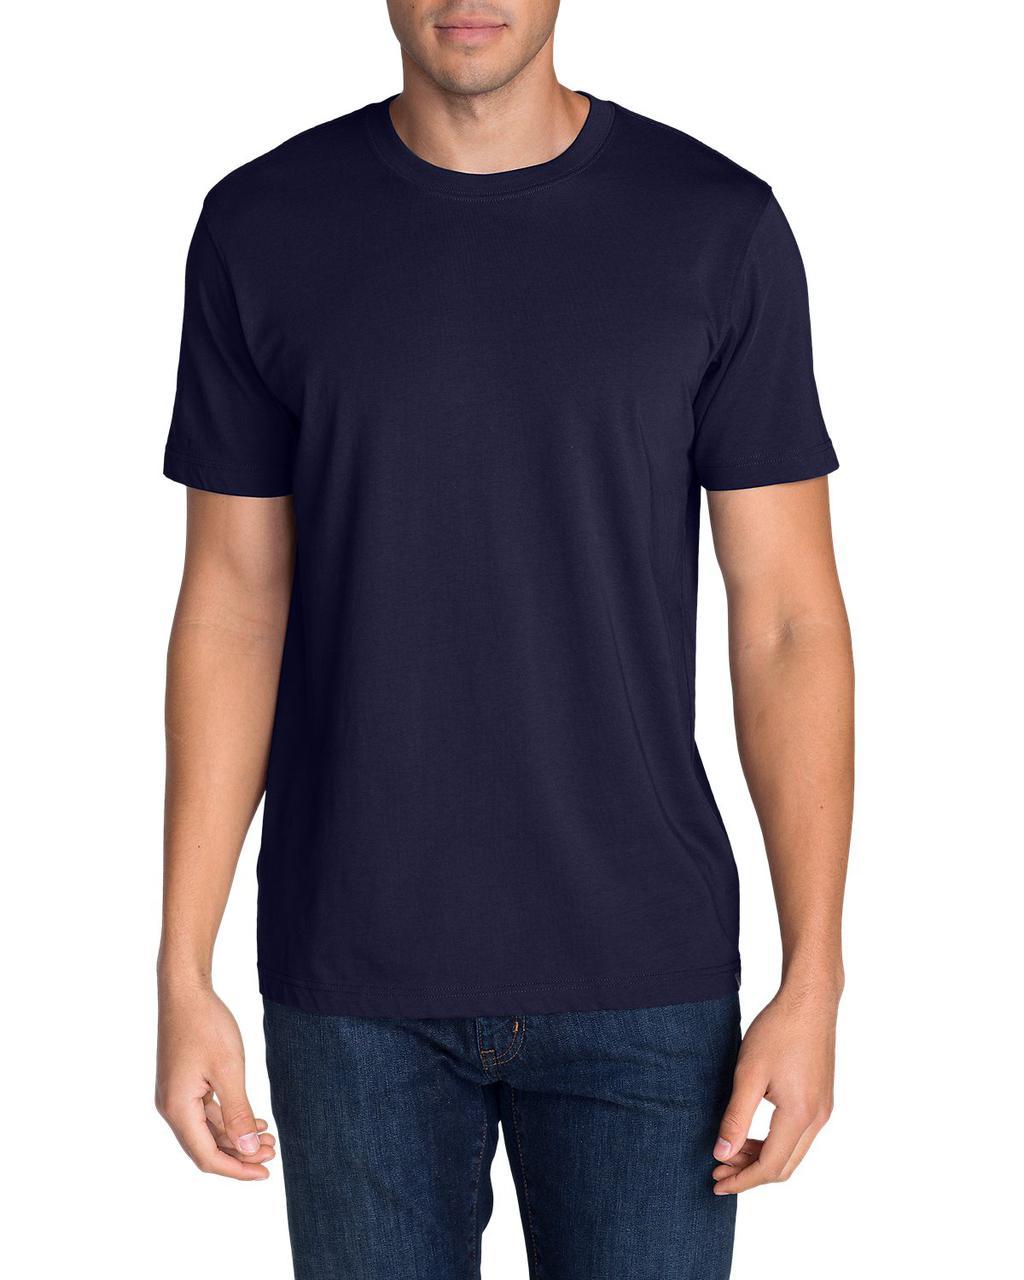 Футболка Eddie Bauer Legend Wash Short-Sleeve T-Shirt XL